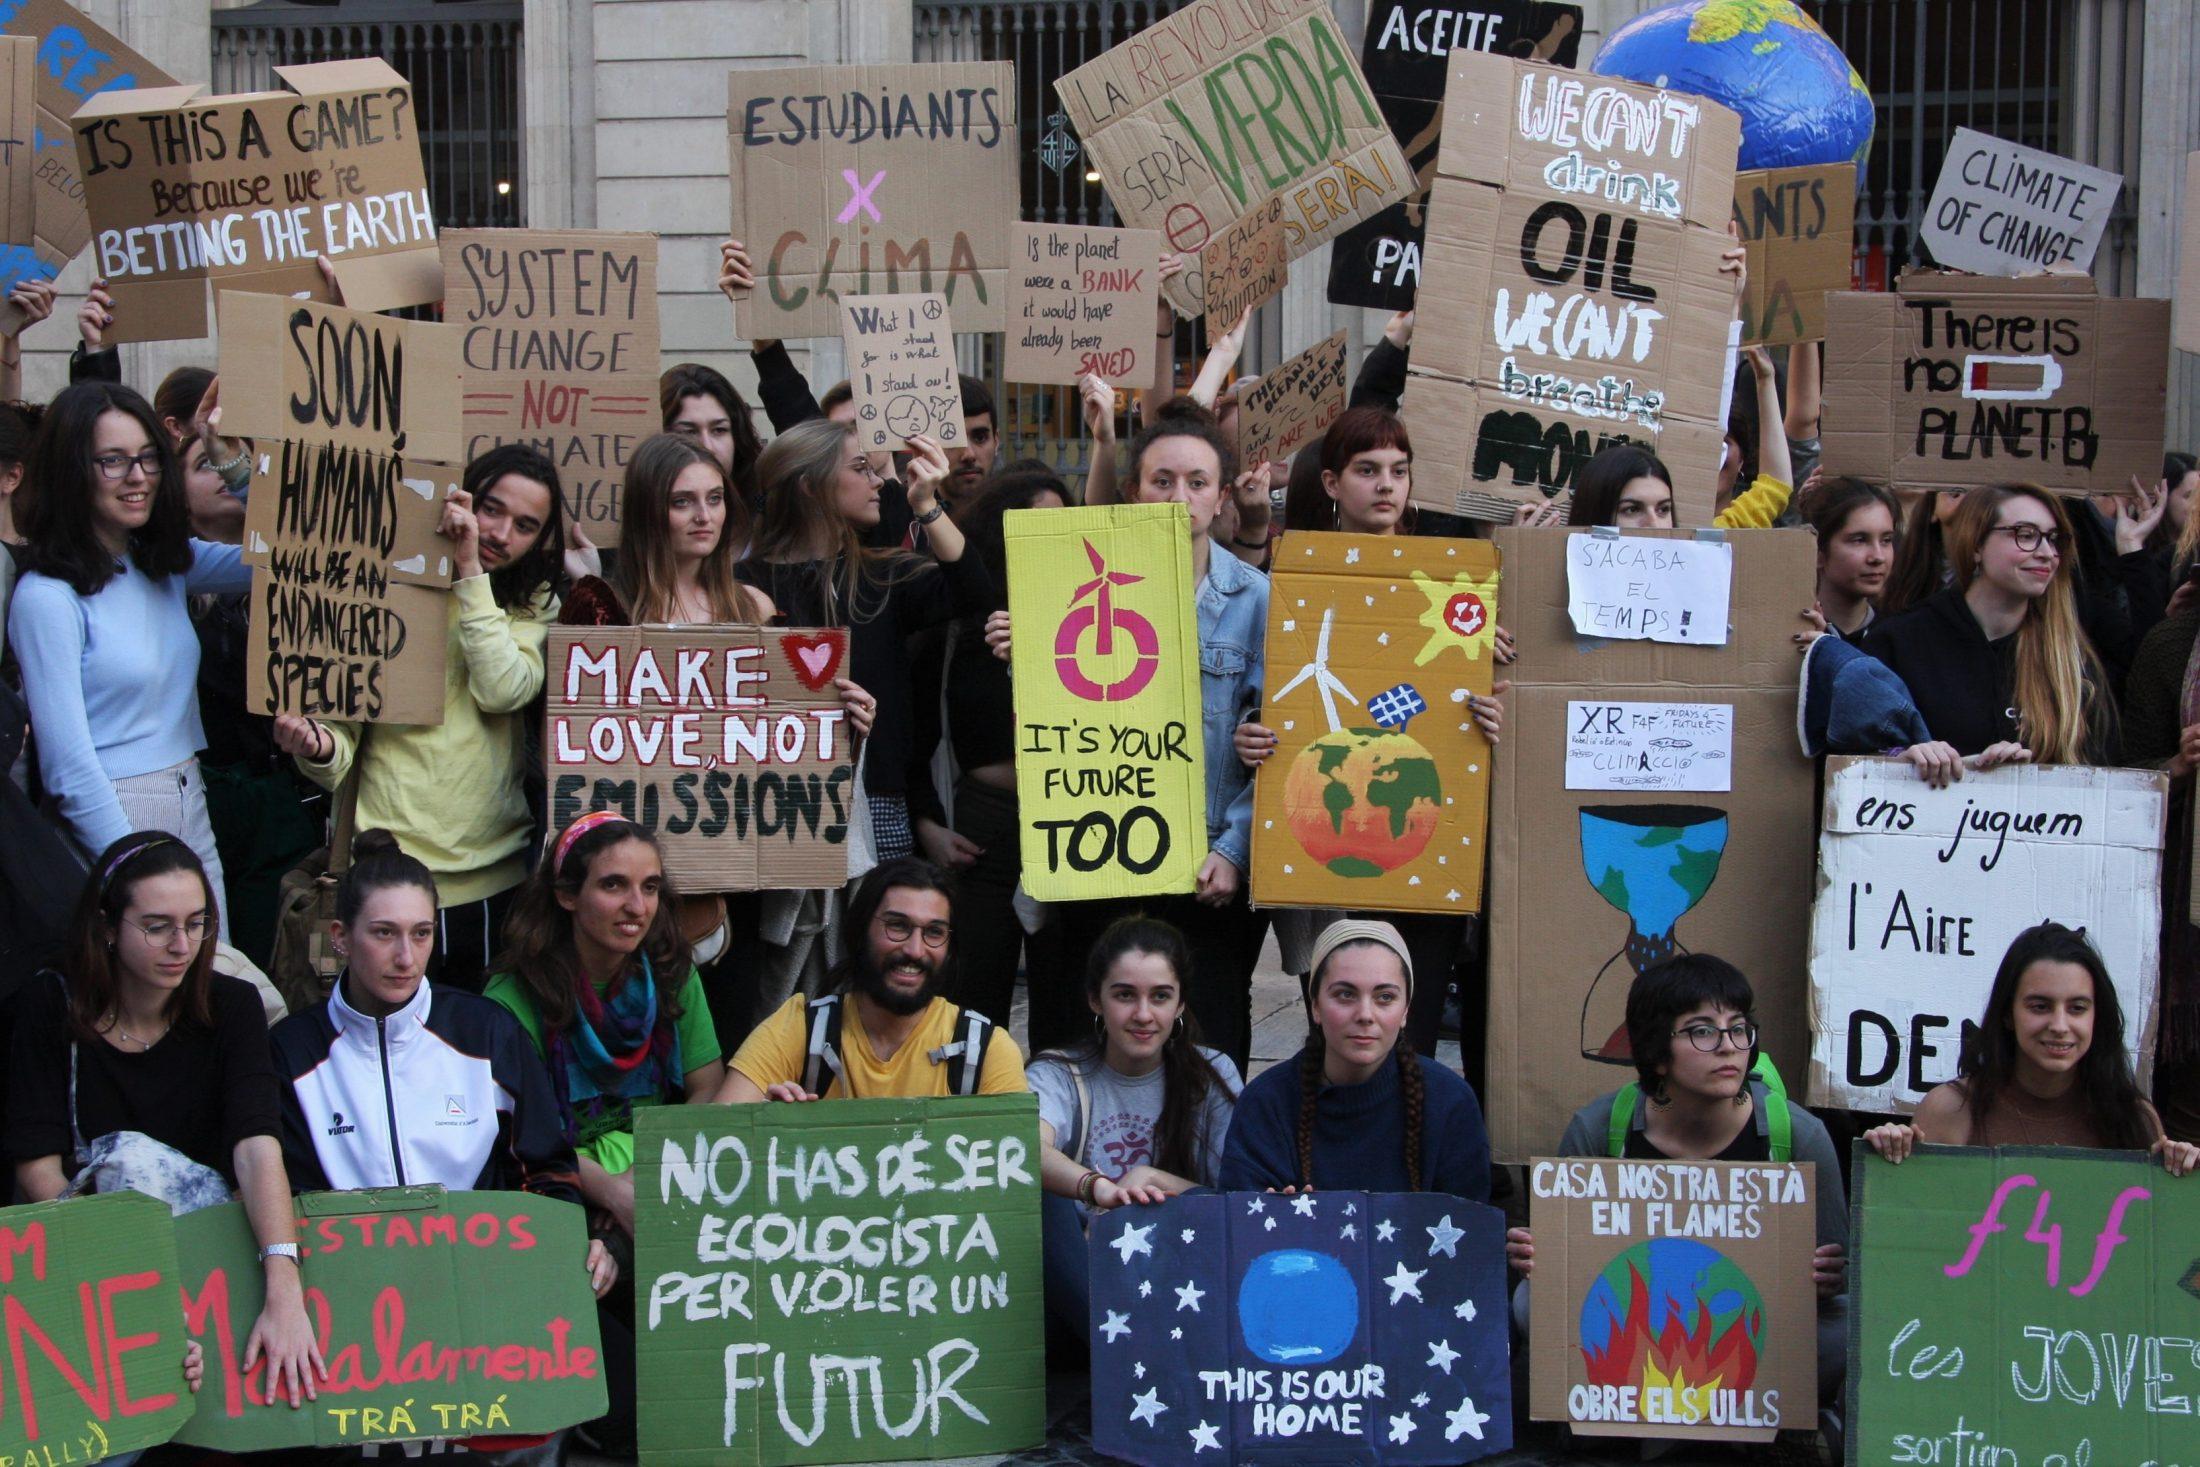 'Rebelión o extinción': crece la protesta contra el cambio climático